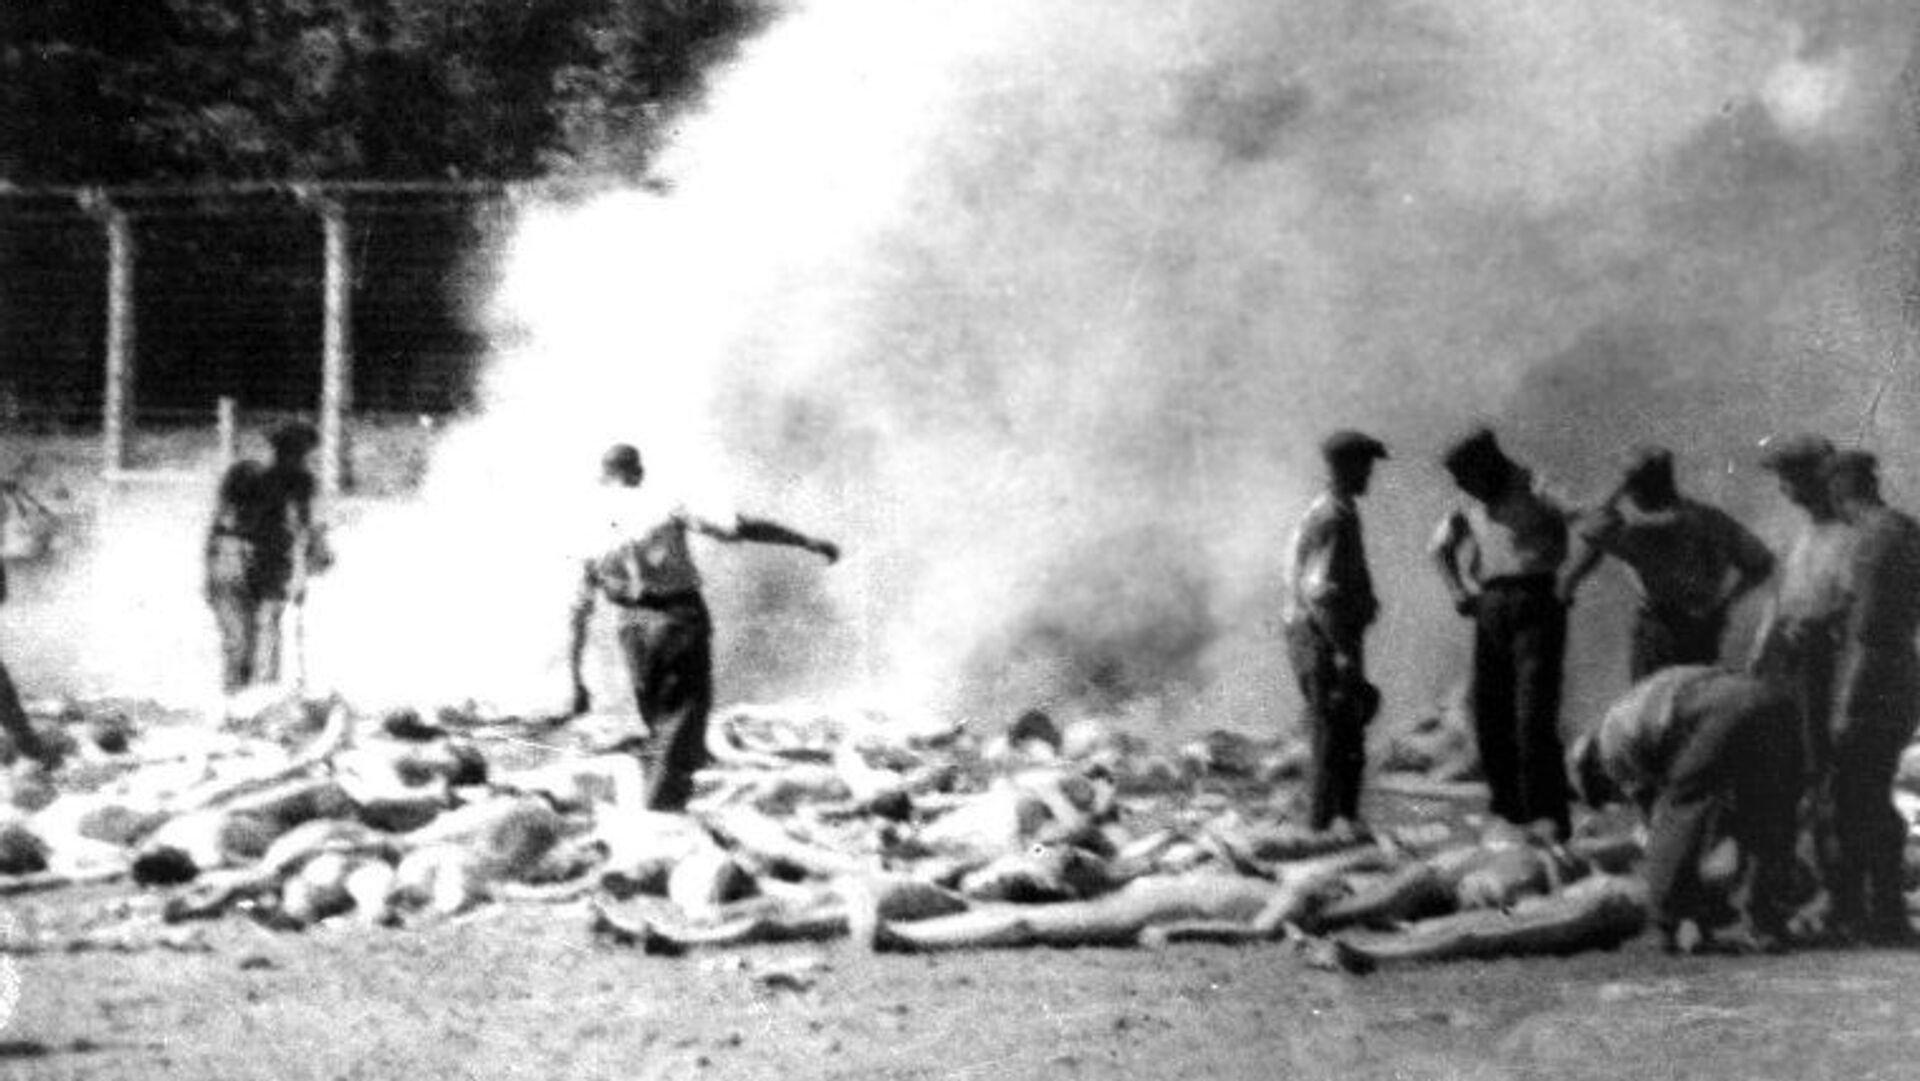 Члены зондеркоманды сжигают тела убитых газом заключенных Освенцима - РИА Новости, 1920, 11.05.2020